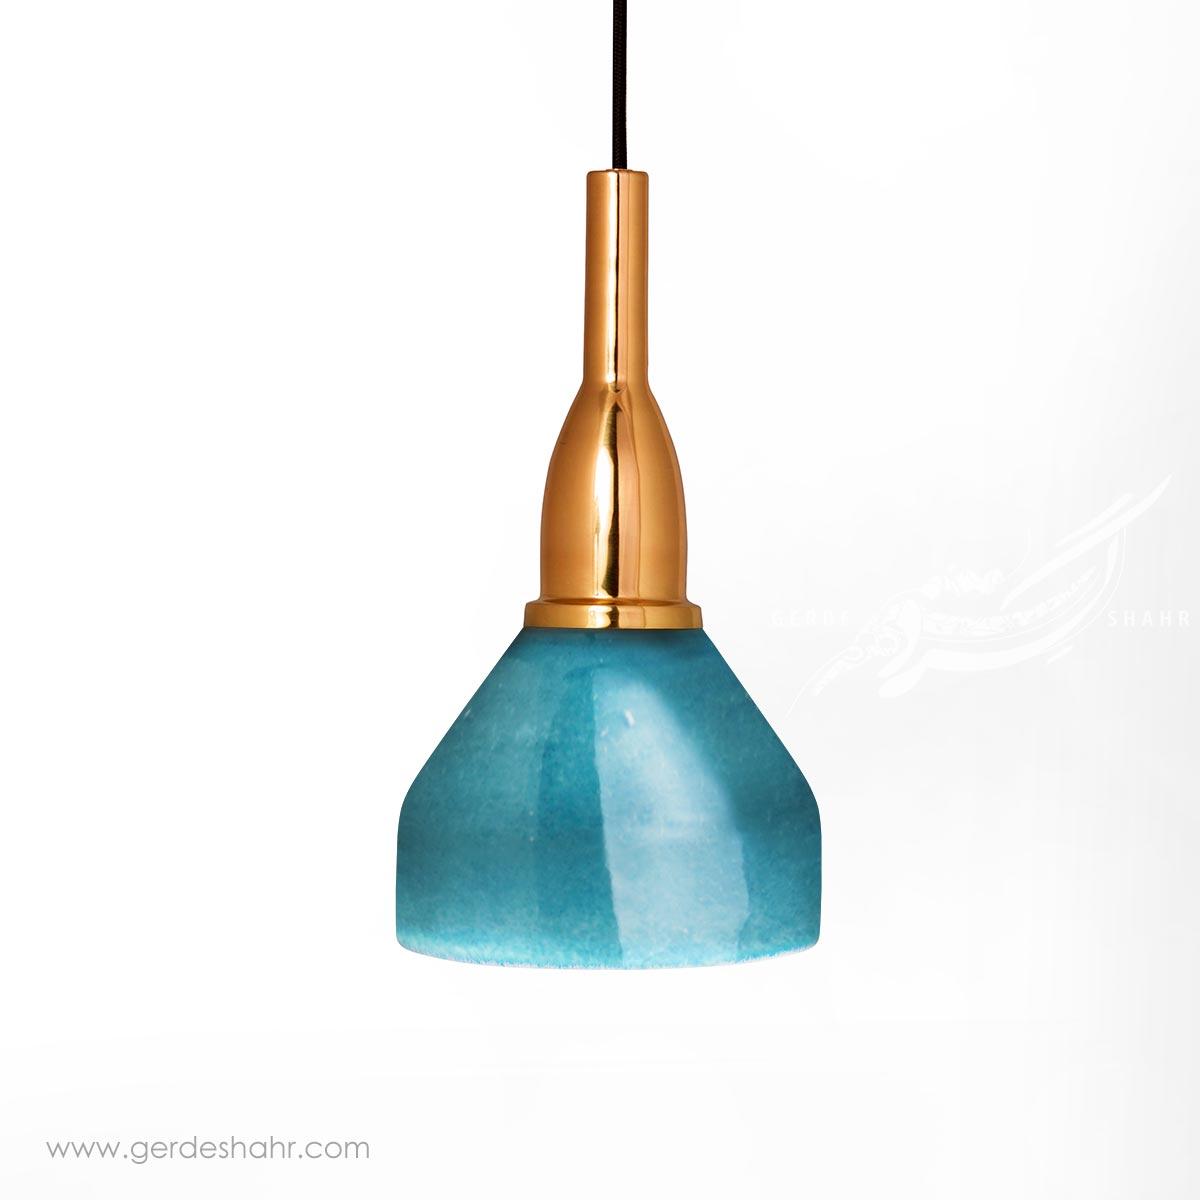 آویز روشنایی گردسوز فیروزه ای کوچک تیروژ محصولات